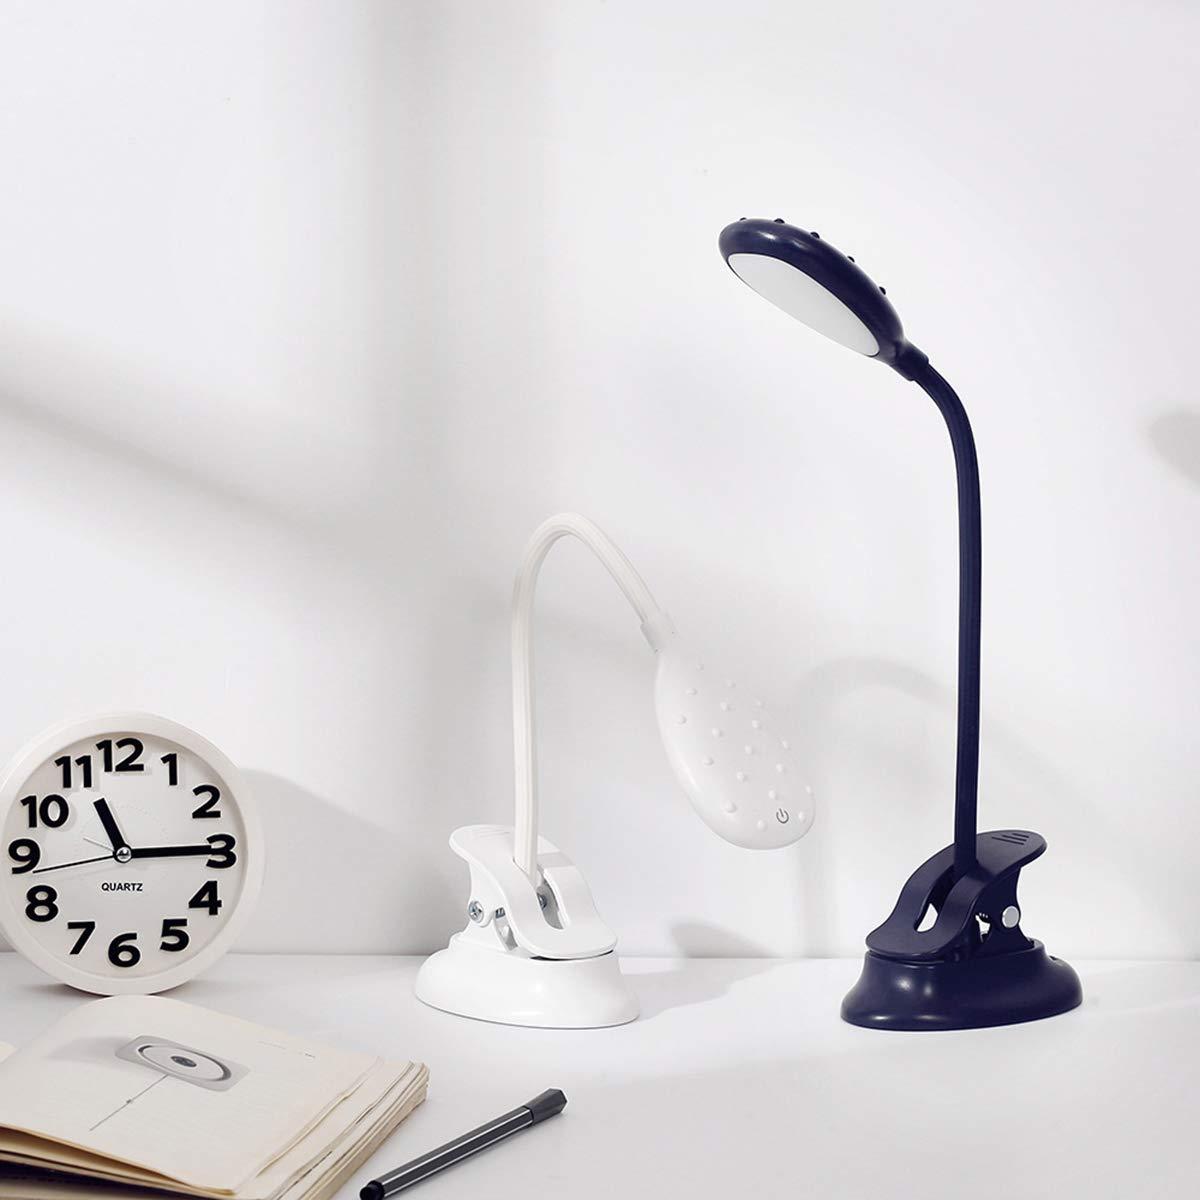 Gojiny L/ámpara de Escritorio Led Luz de Mesa con Clip Control T/áctil Atenuaci/ón Continua Luz de Lectura de Libro Recargable Azul Oscuro